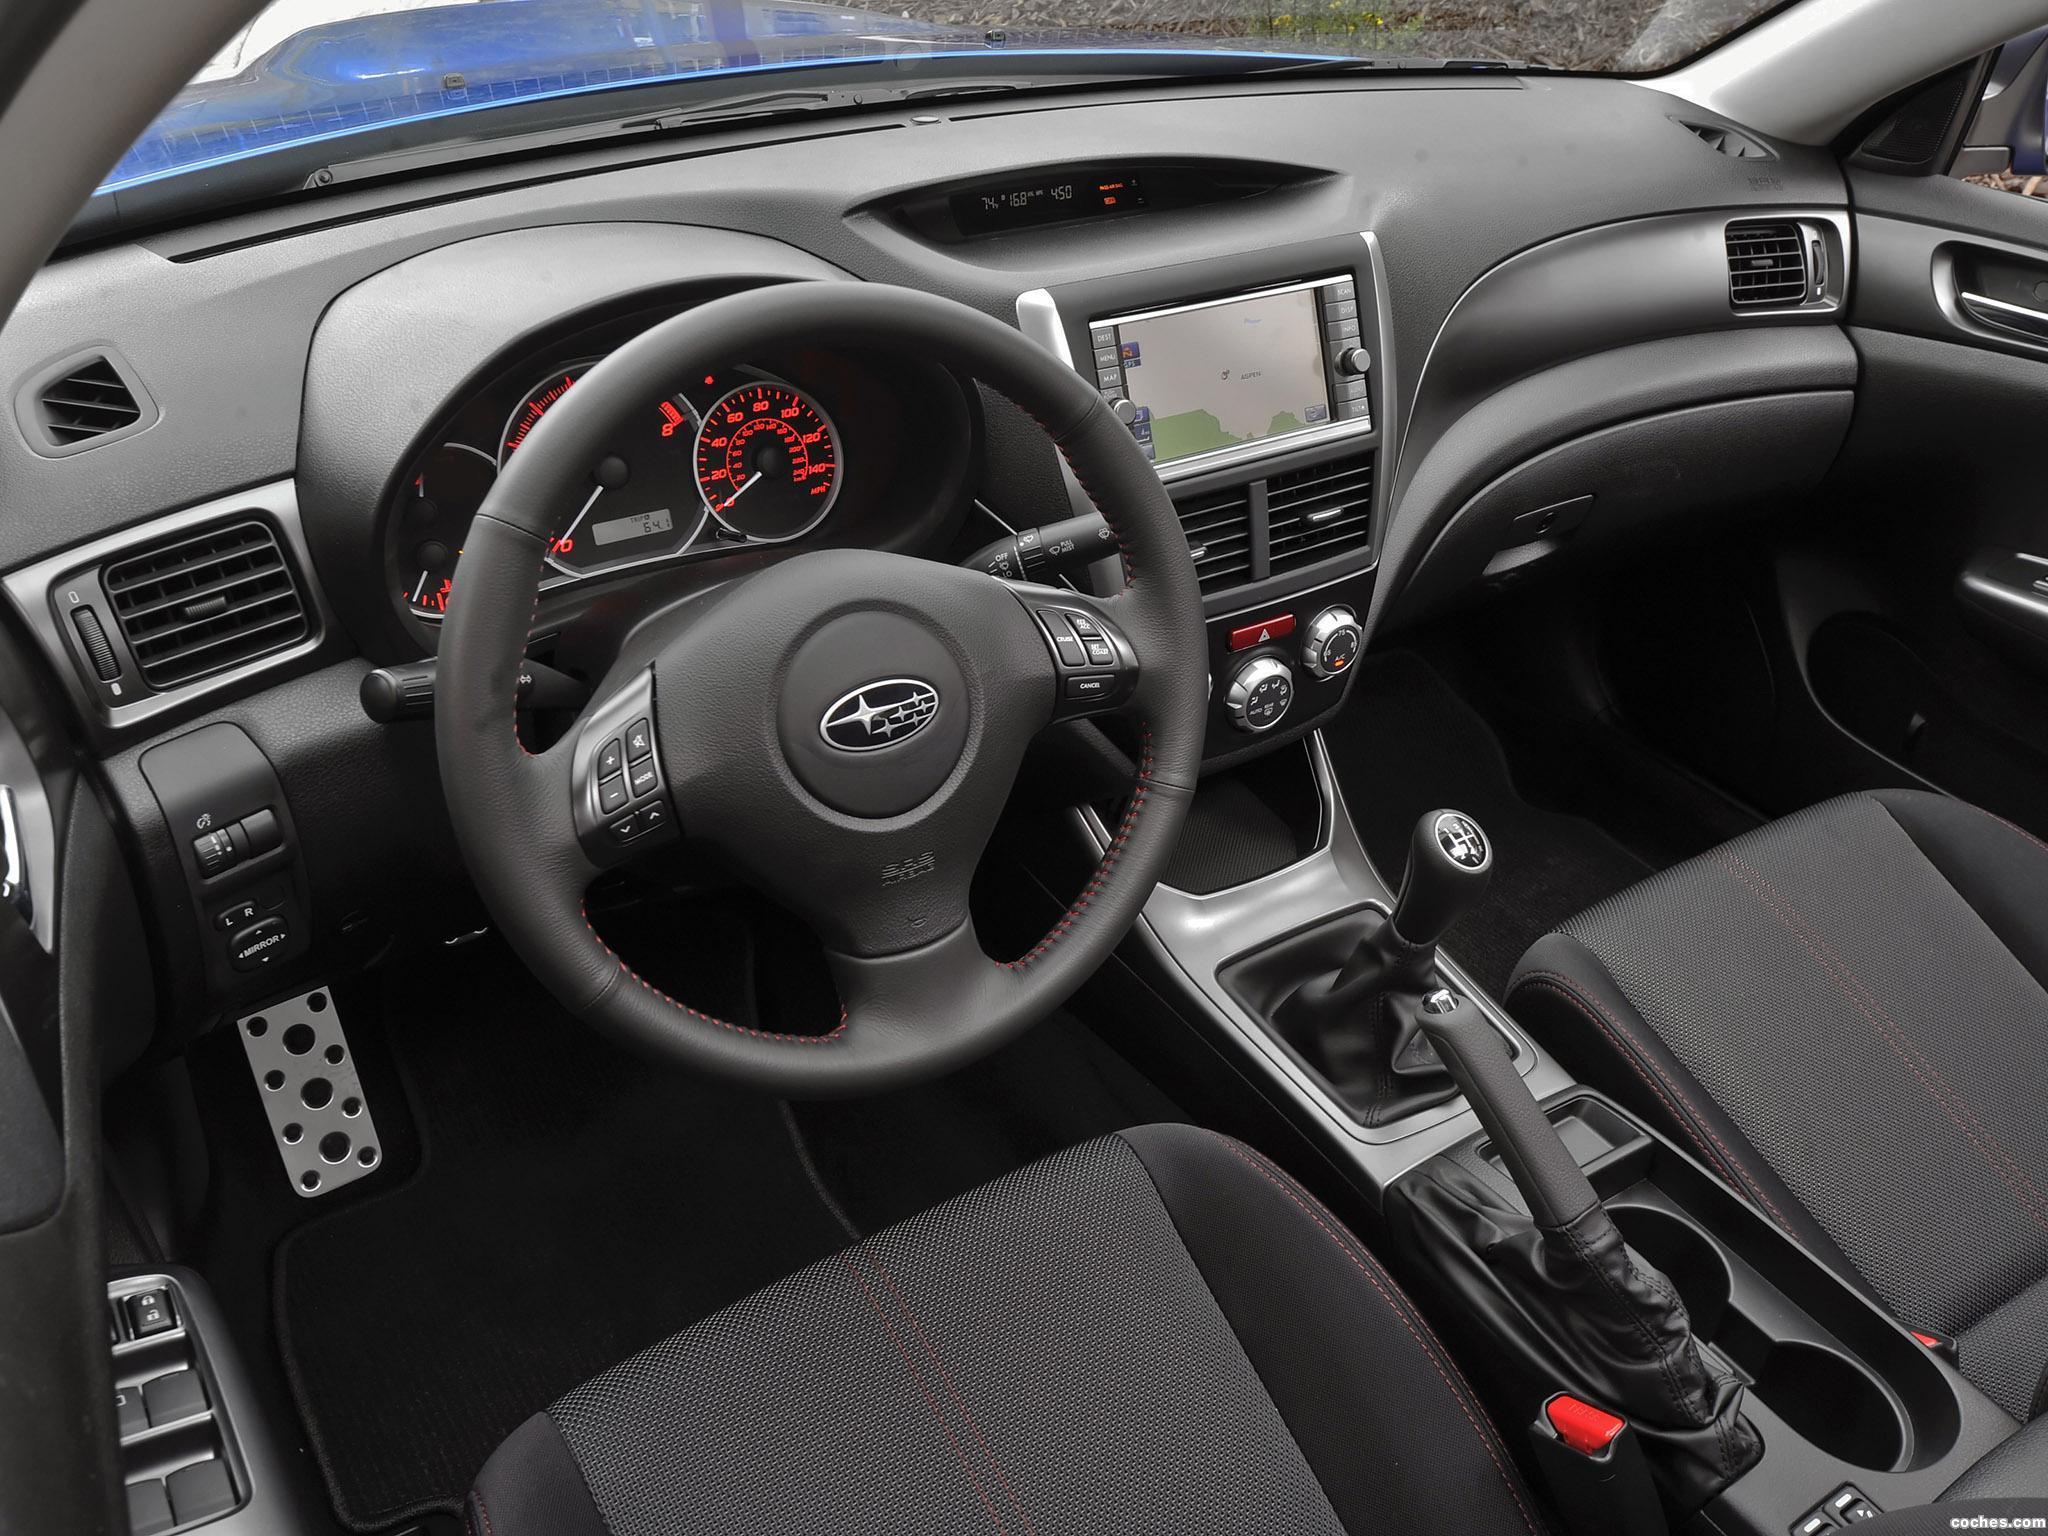 Foto 11 de Subaru Impreza WRX Sedan USA 2010